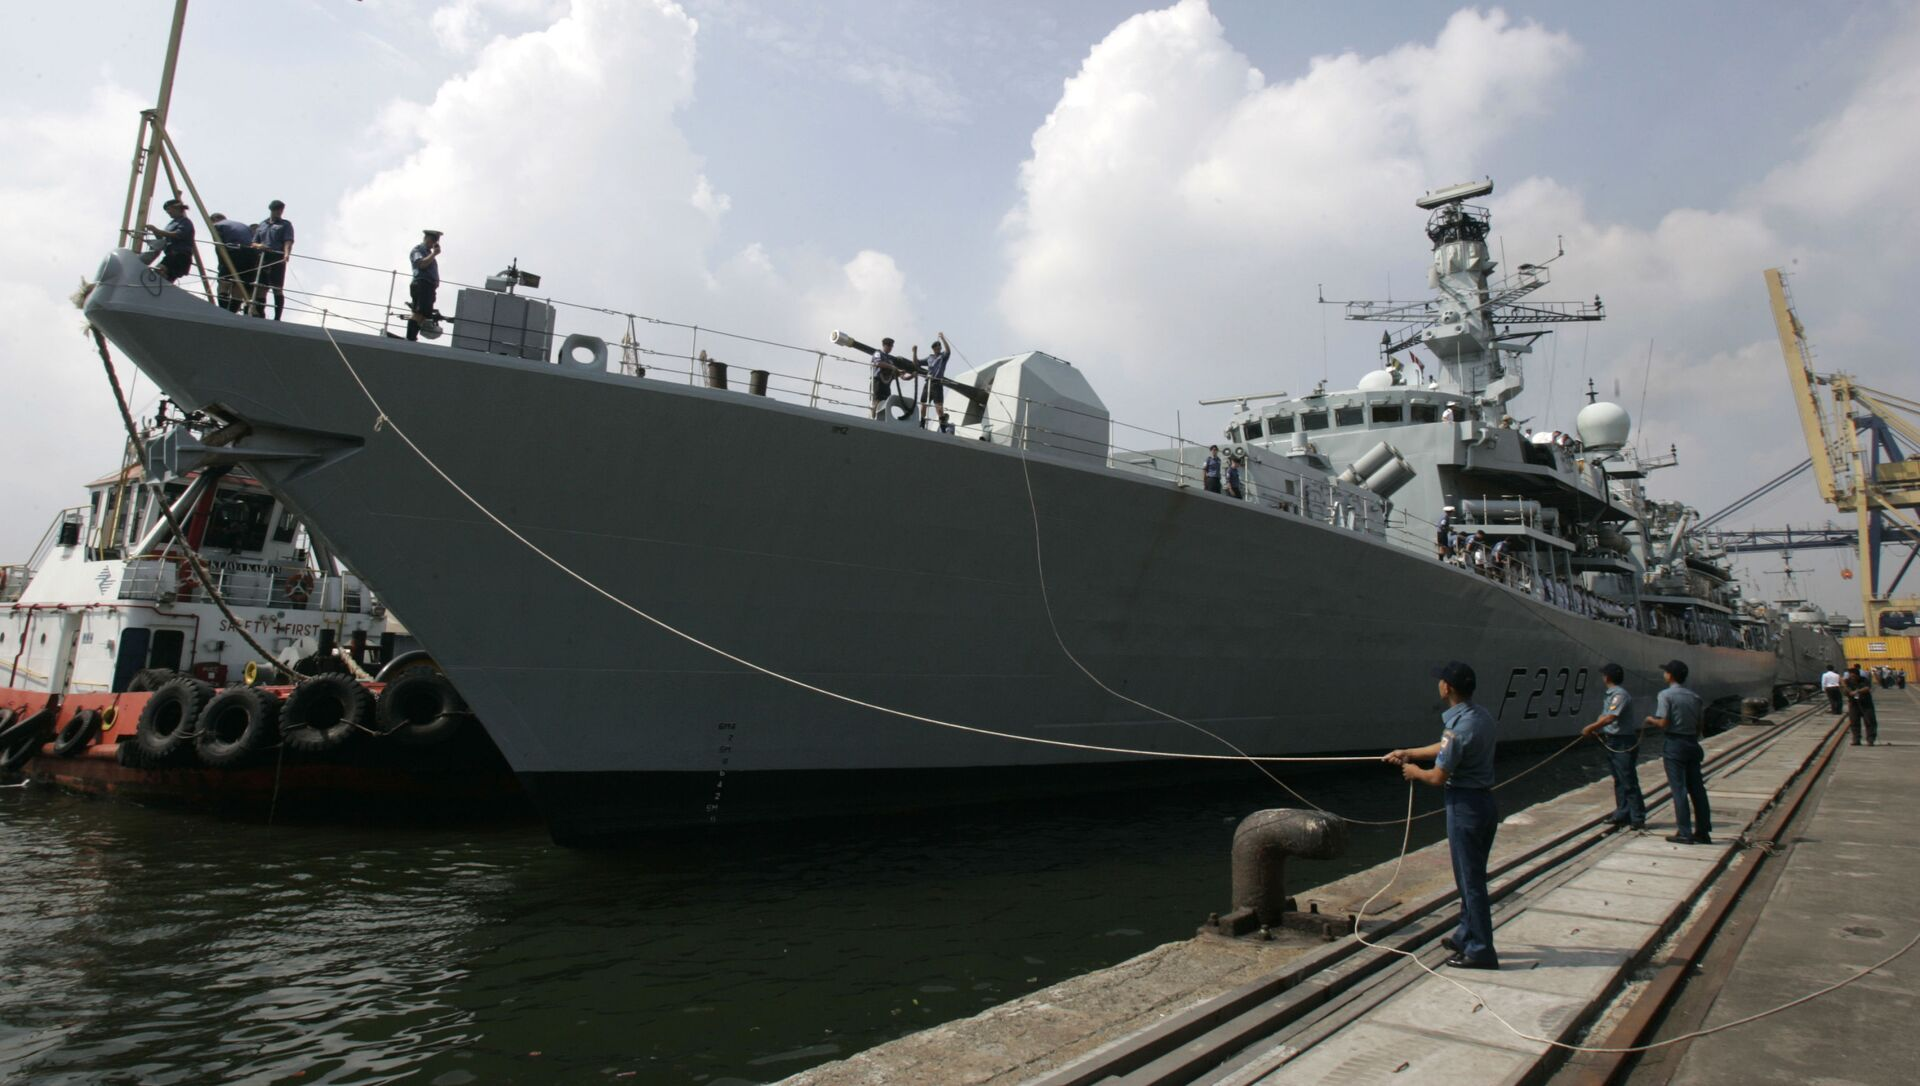 HMS Richmond, tàu khu trục của Hải quân Hoàng gia Anh. - Sputnik Việt Nam, 1920, 27.09.2021